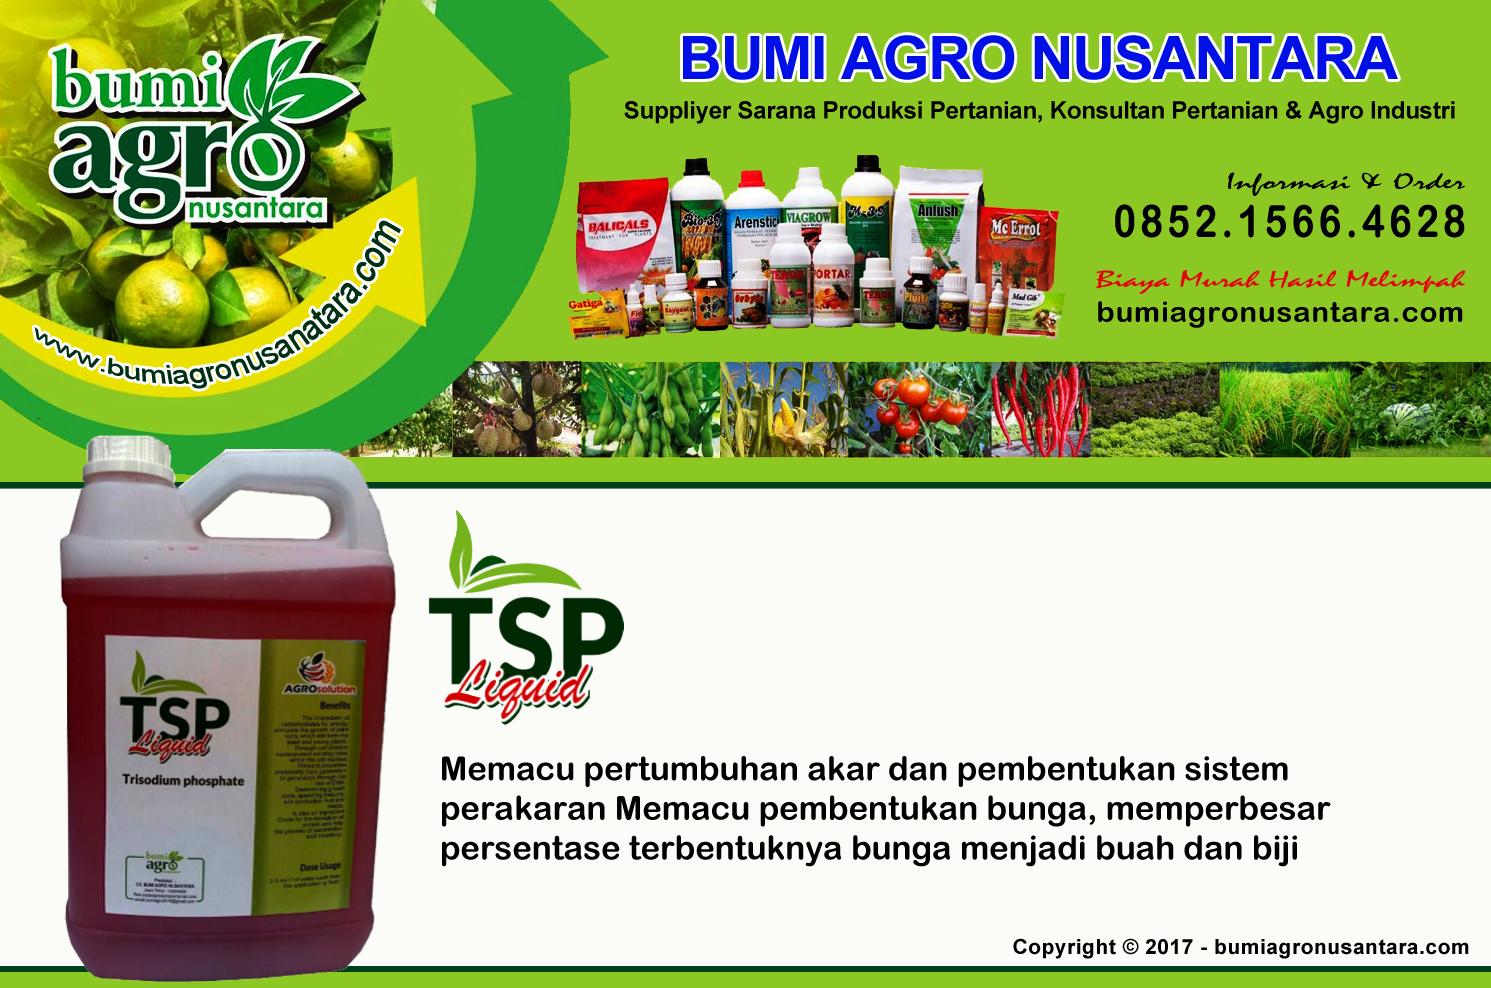 bumi agro nusantara, tsp cair, tsp liquid, pupuk organik cair, pupuk organik, pupuk ramah lingkungan, pupuk pertumbuhan,